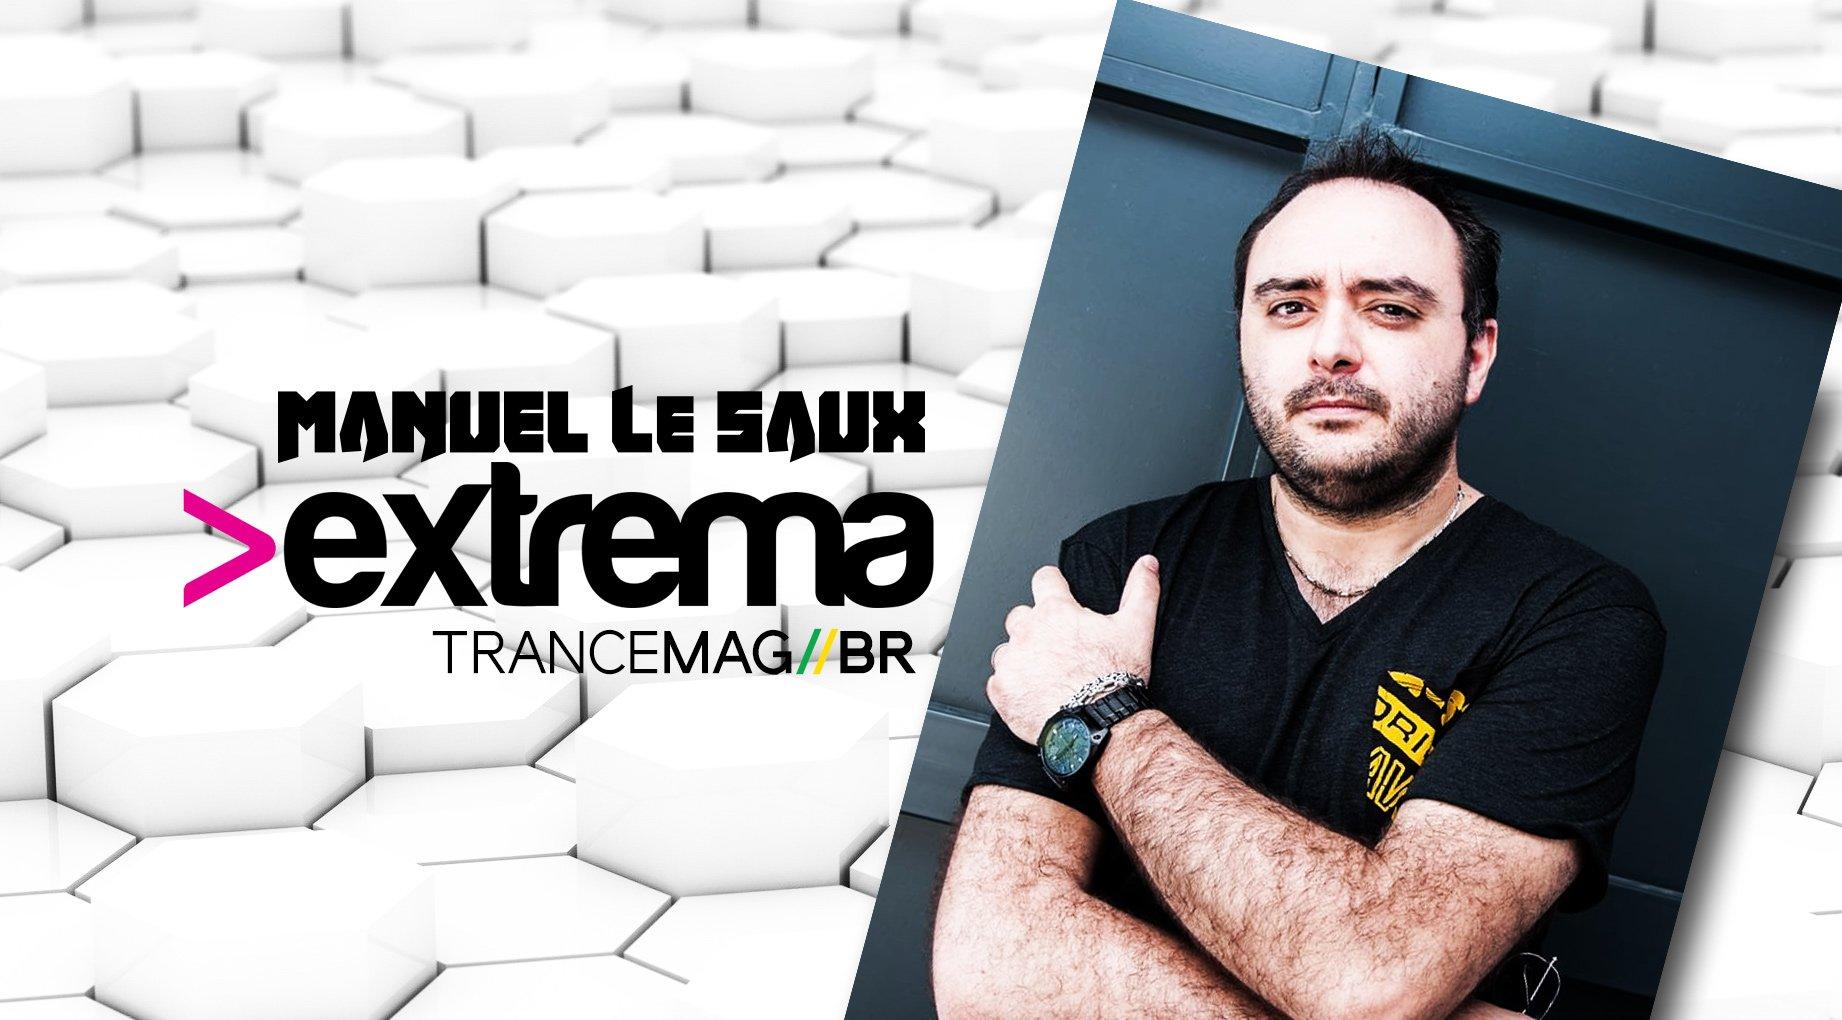 Manuel Le Saux Pres. Extrema 481